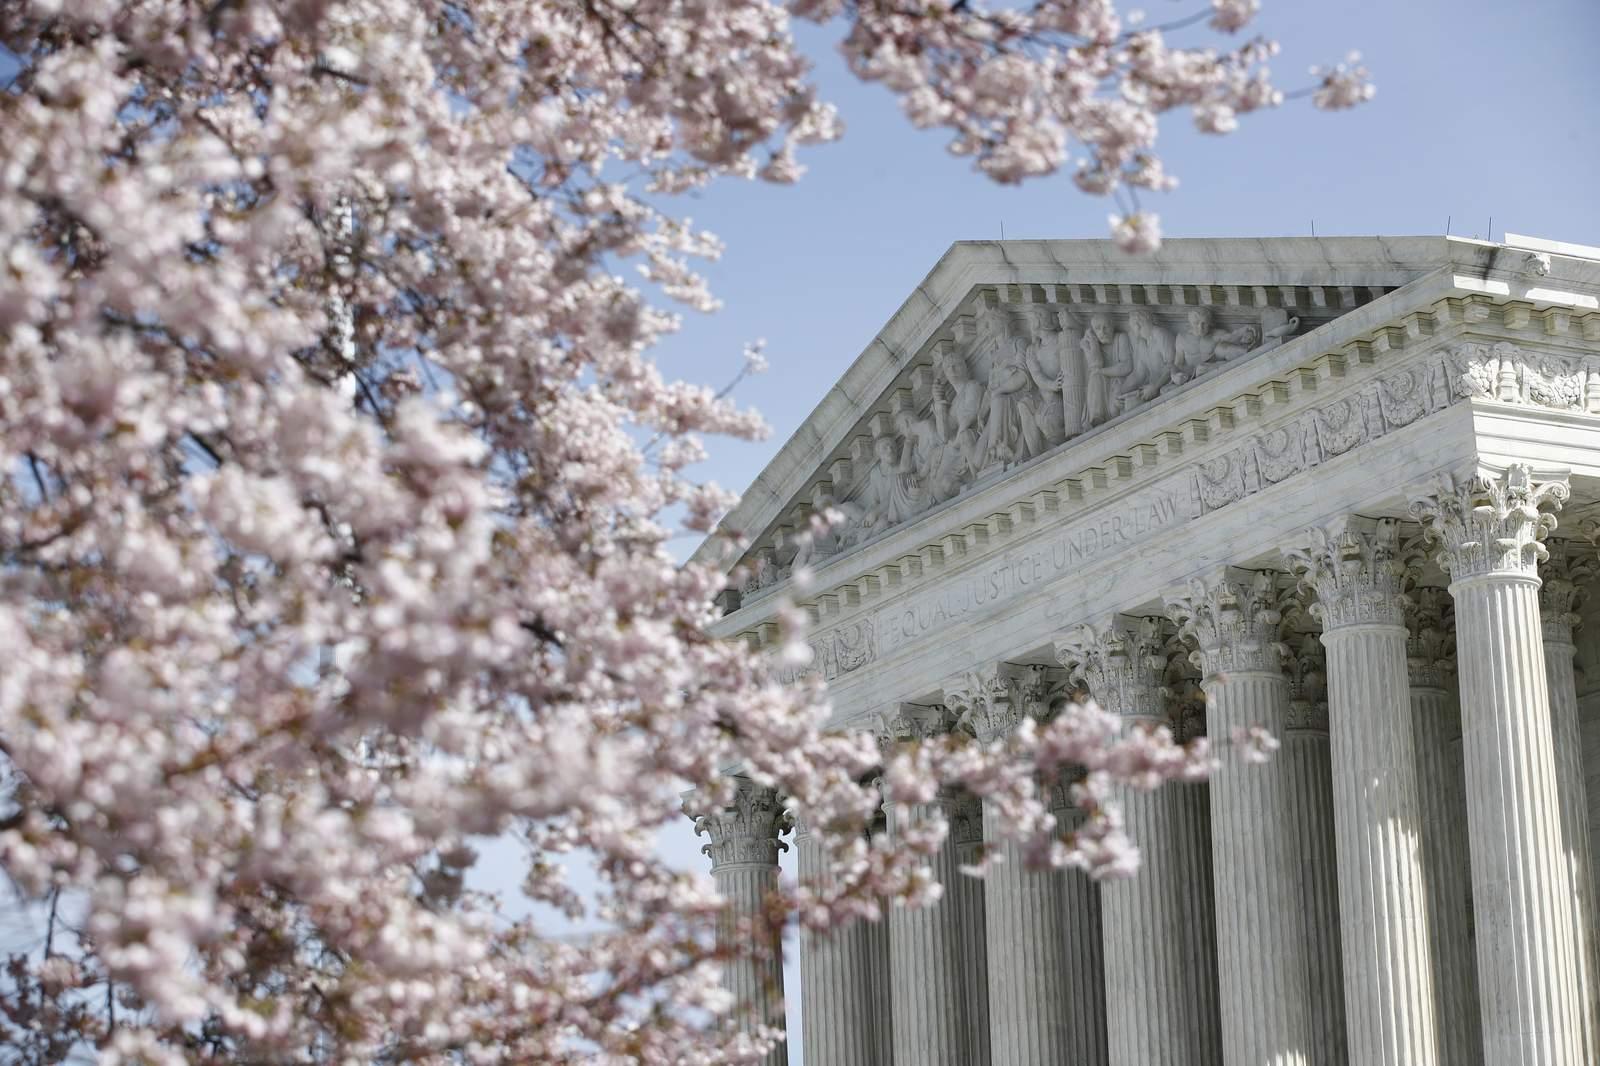 La Corte Suprema dictamina que los estados pueden prohibir la defensa de locura 1